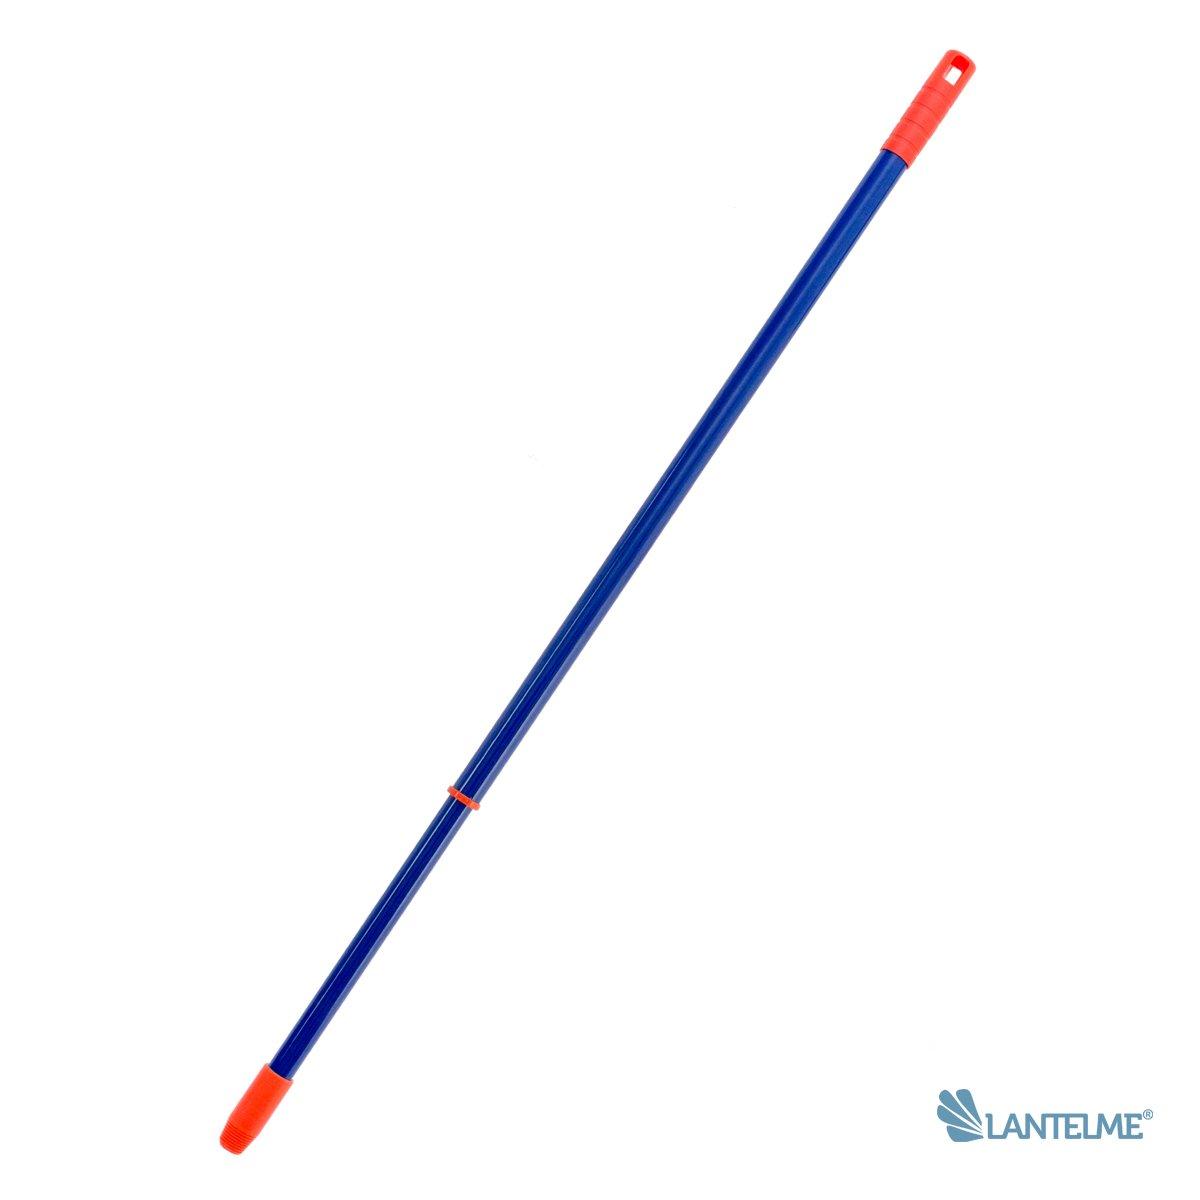 Lantelme 3625 Ensemble balais//pelle//balette en plastique Thermom/ètre /à poign/ée 32 cm assorti